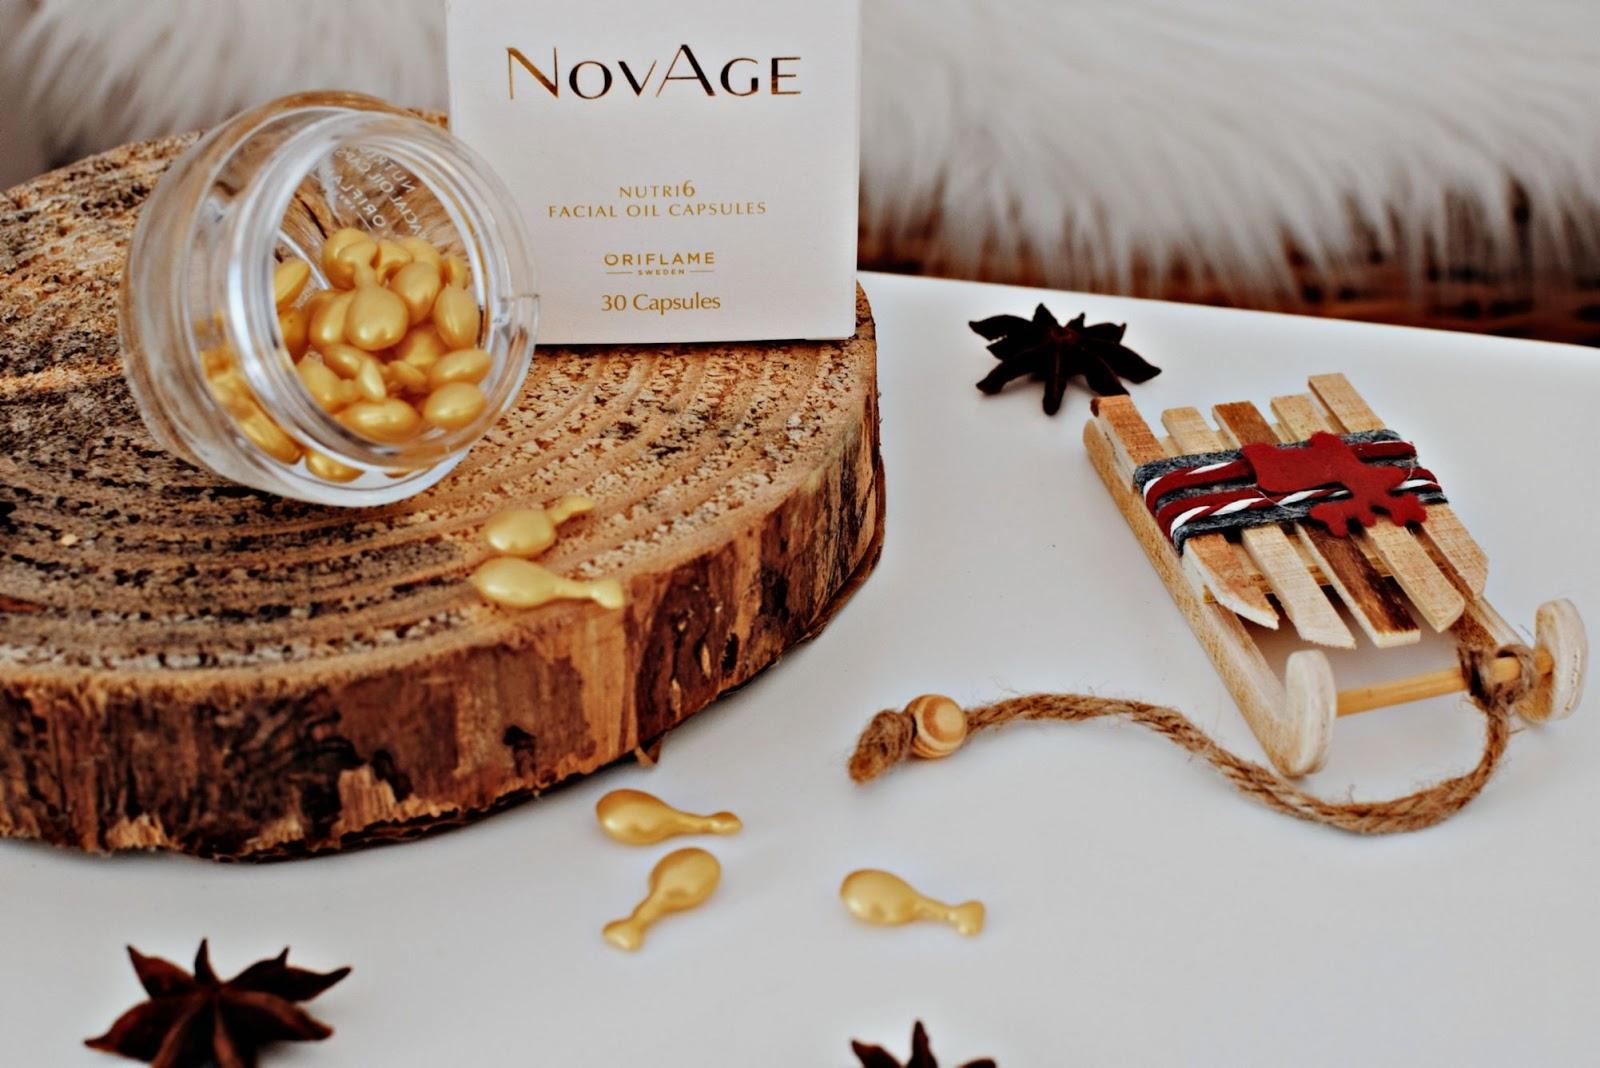 Kapsułki NovAge Nutri6